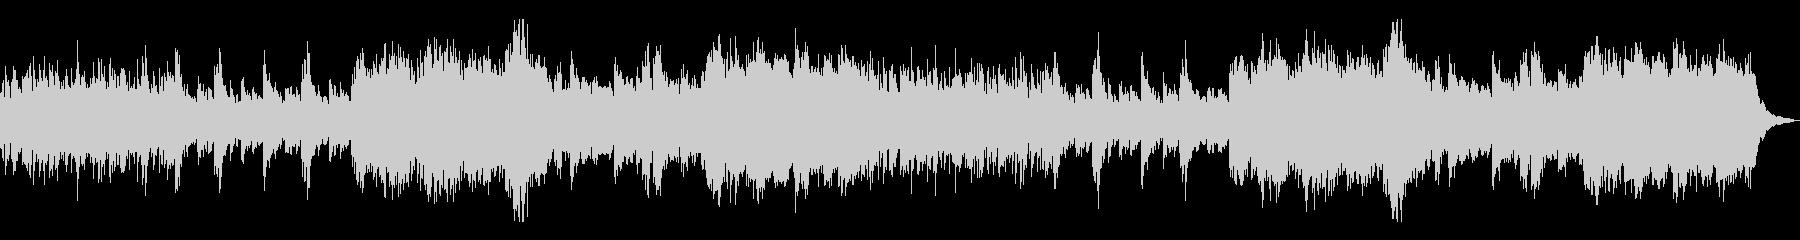 静かな緊迫/モダンな和風曲9A-ピアノ他の未再生の波形